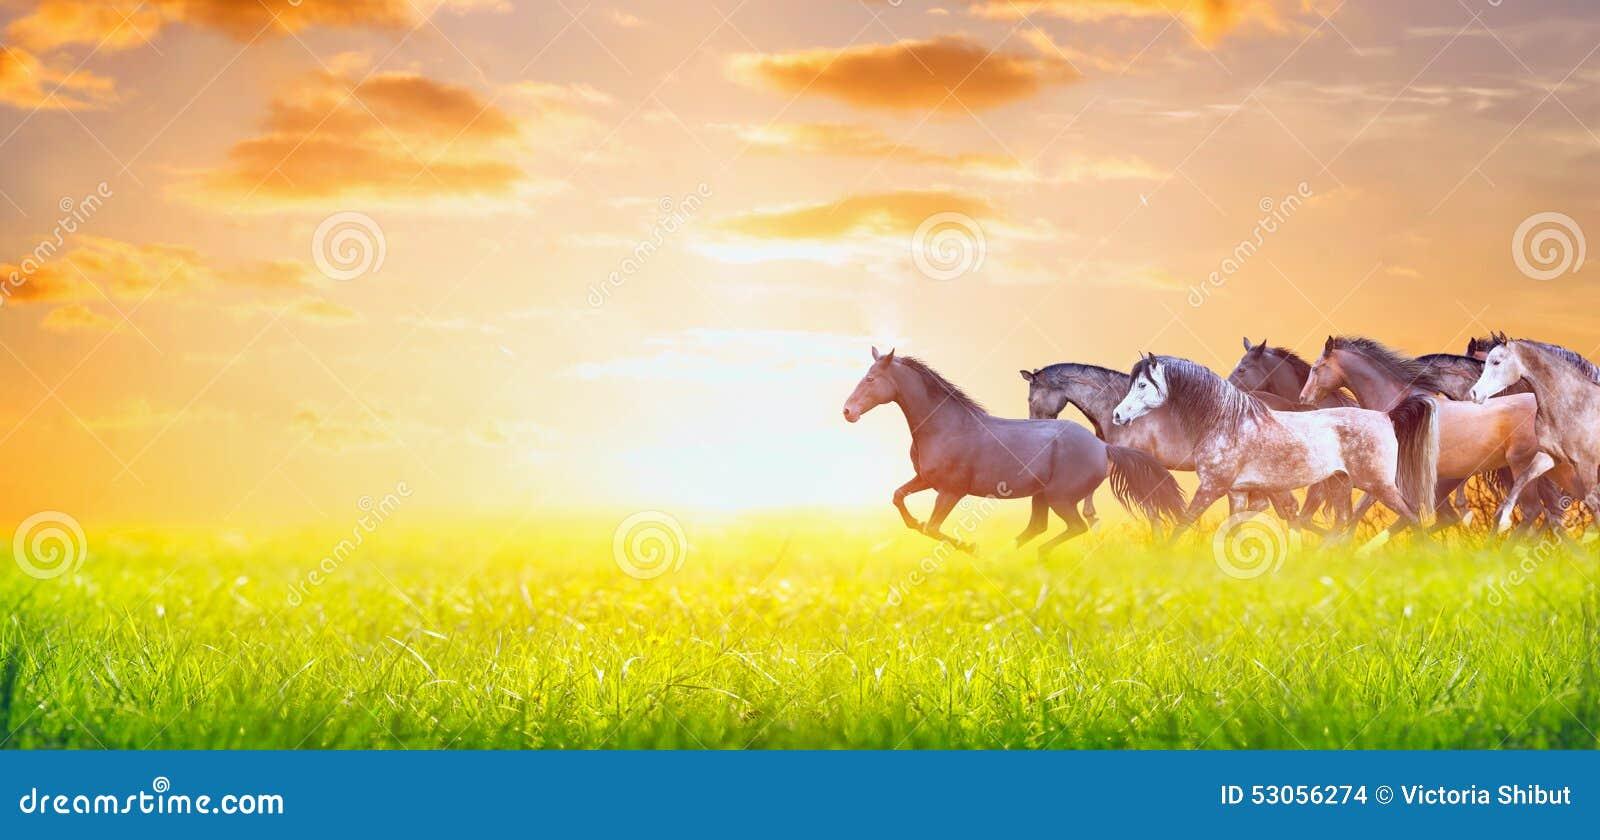 跑在日落天空,网站的横幅的晴朗的夏天牧场地的马牧群